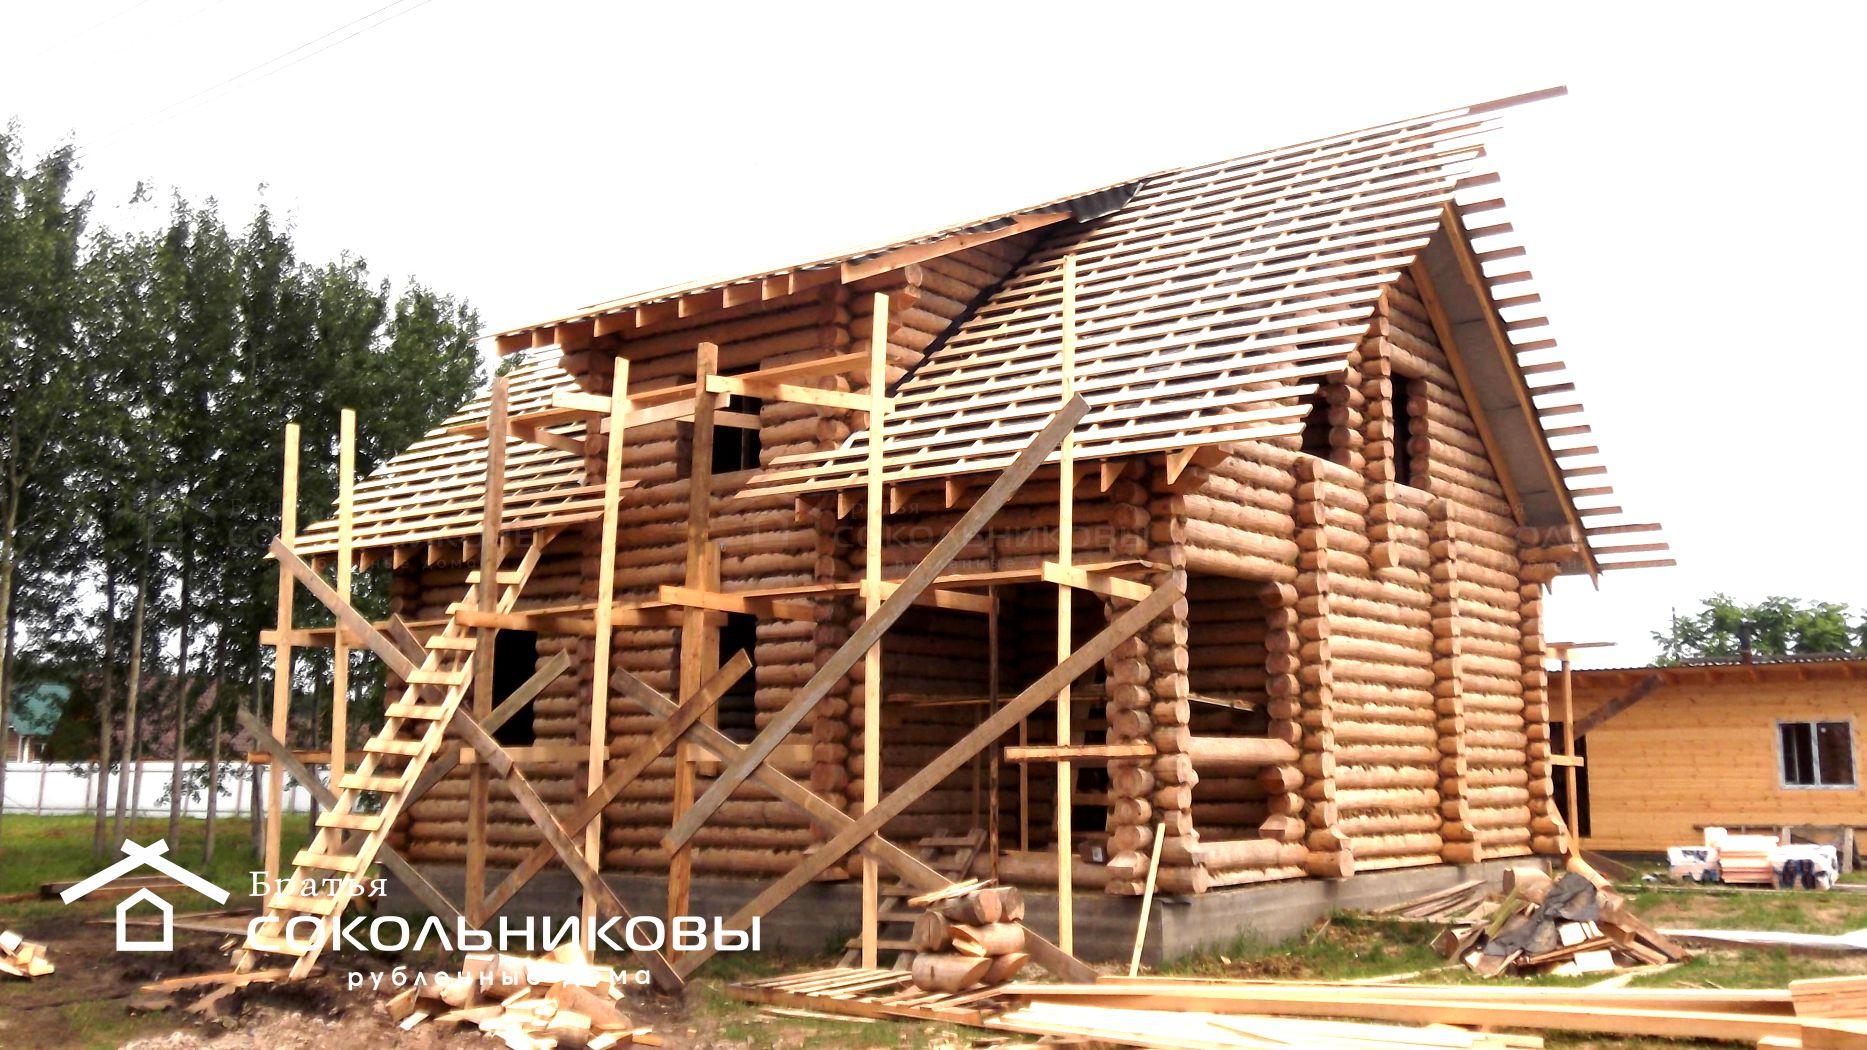 Дом под рубанок, 186 кв. м, фото 8